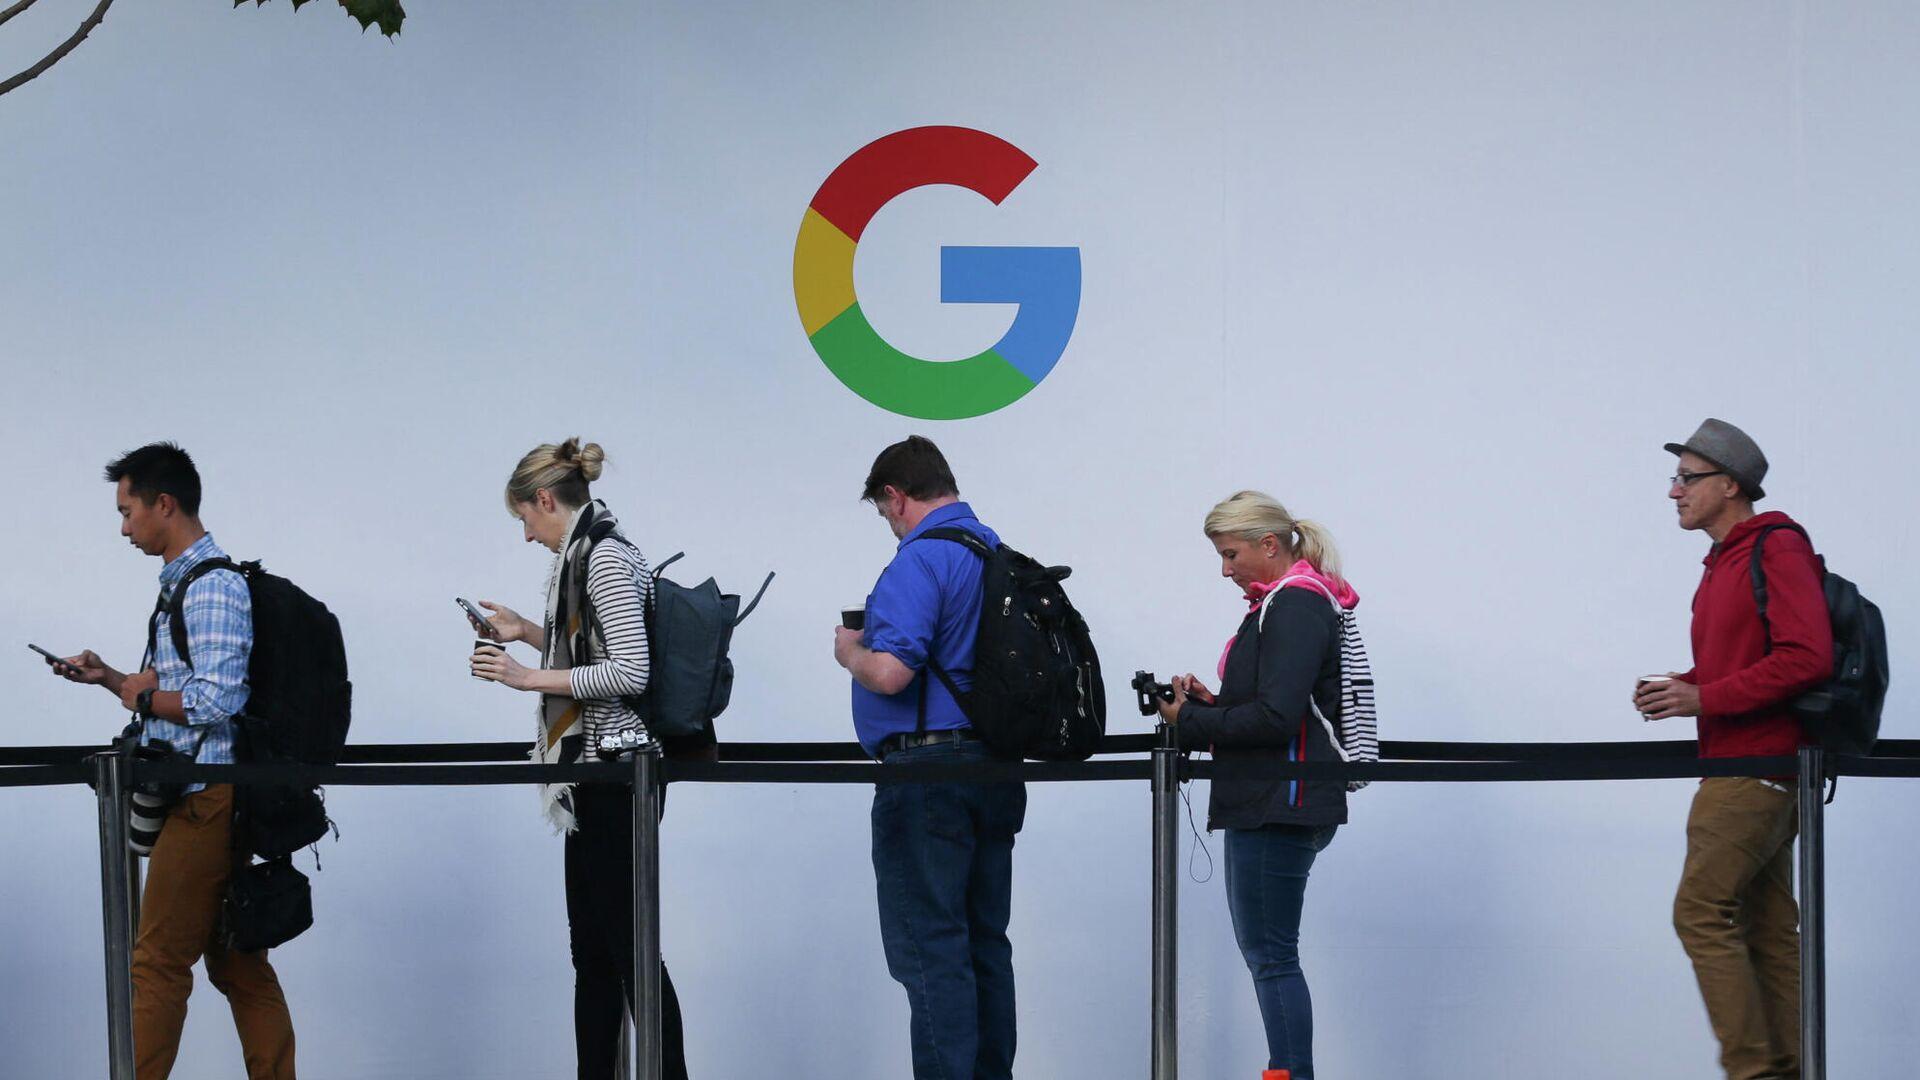 Люди в очереди перед началом презентации продукции компании Google в Сан-Франциско, США - РИА Новости, 1920, 07.05.2021